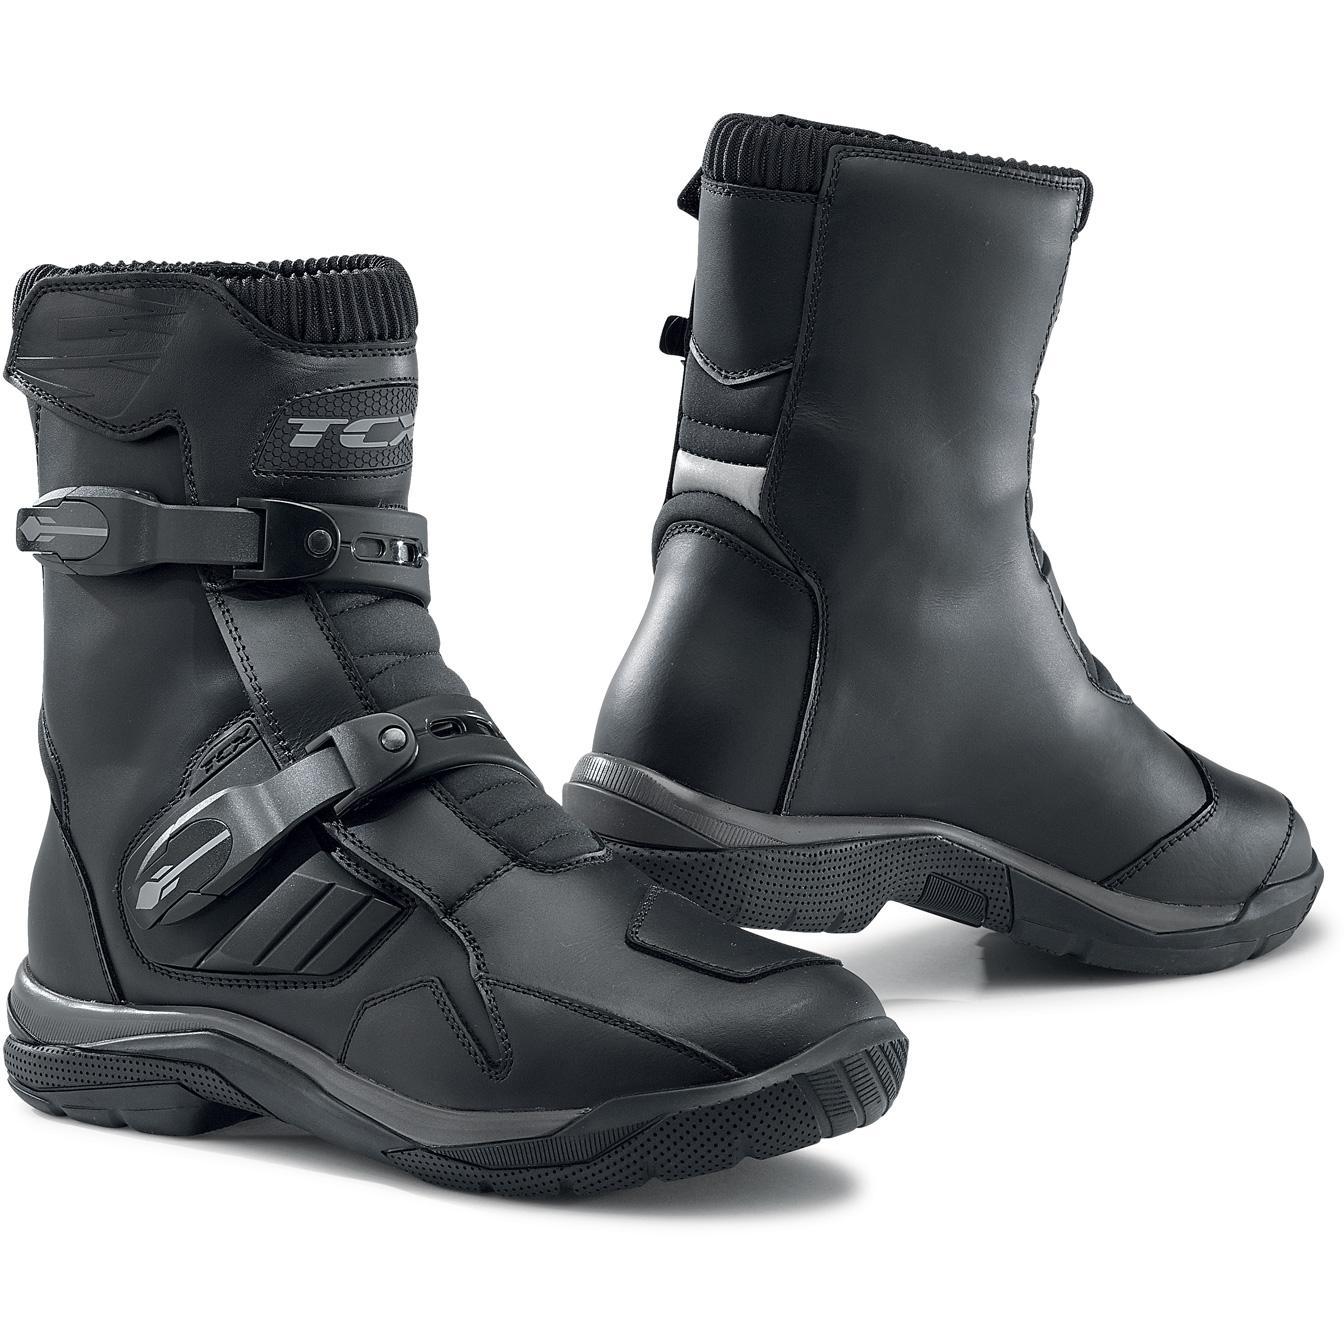 Bottes Chaussures Moto Conducteur pour Homme Gar/çon Hiver Cuir Noir /Étanche